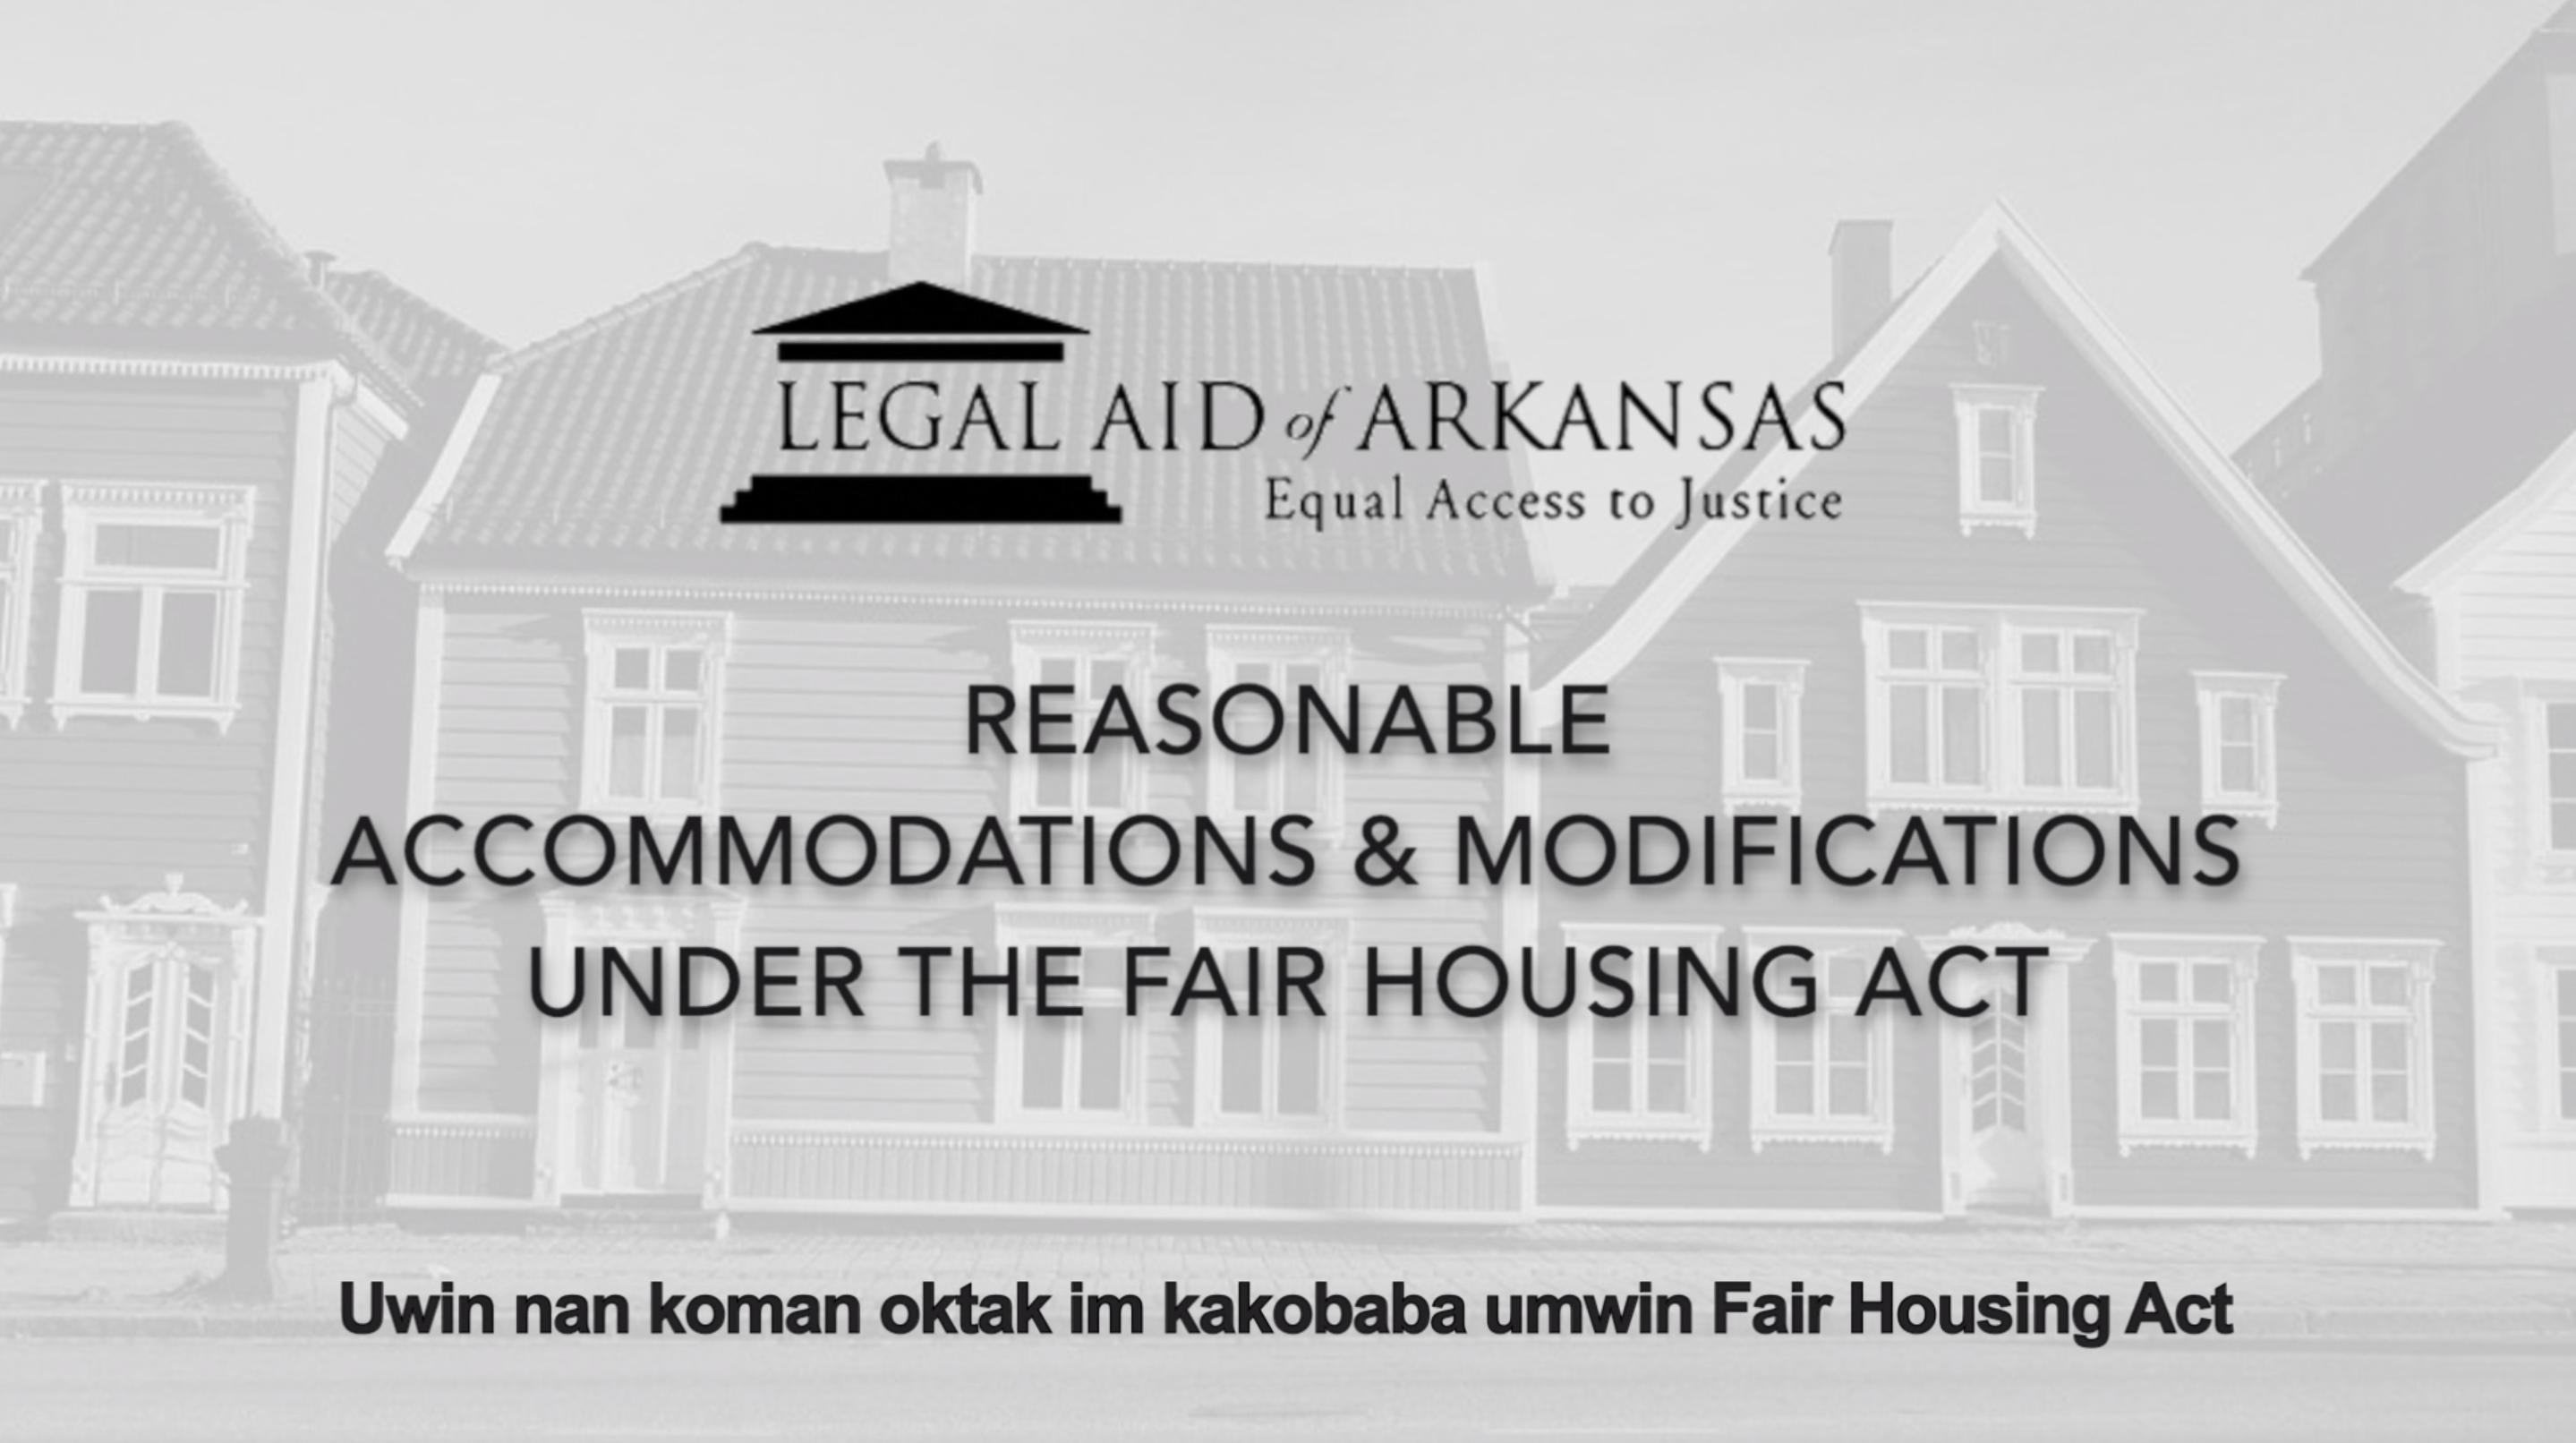 VIDEO - Uwin nan koman oktak im kakobaba umwin Fair Housing Act